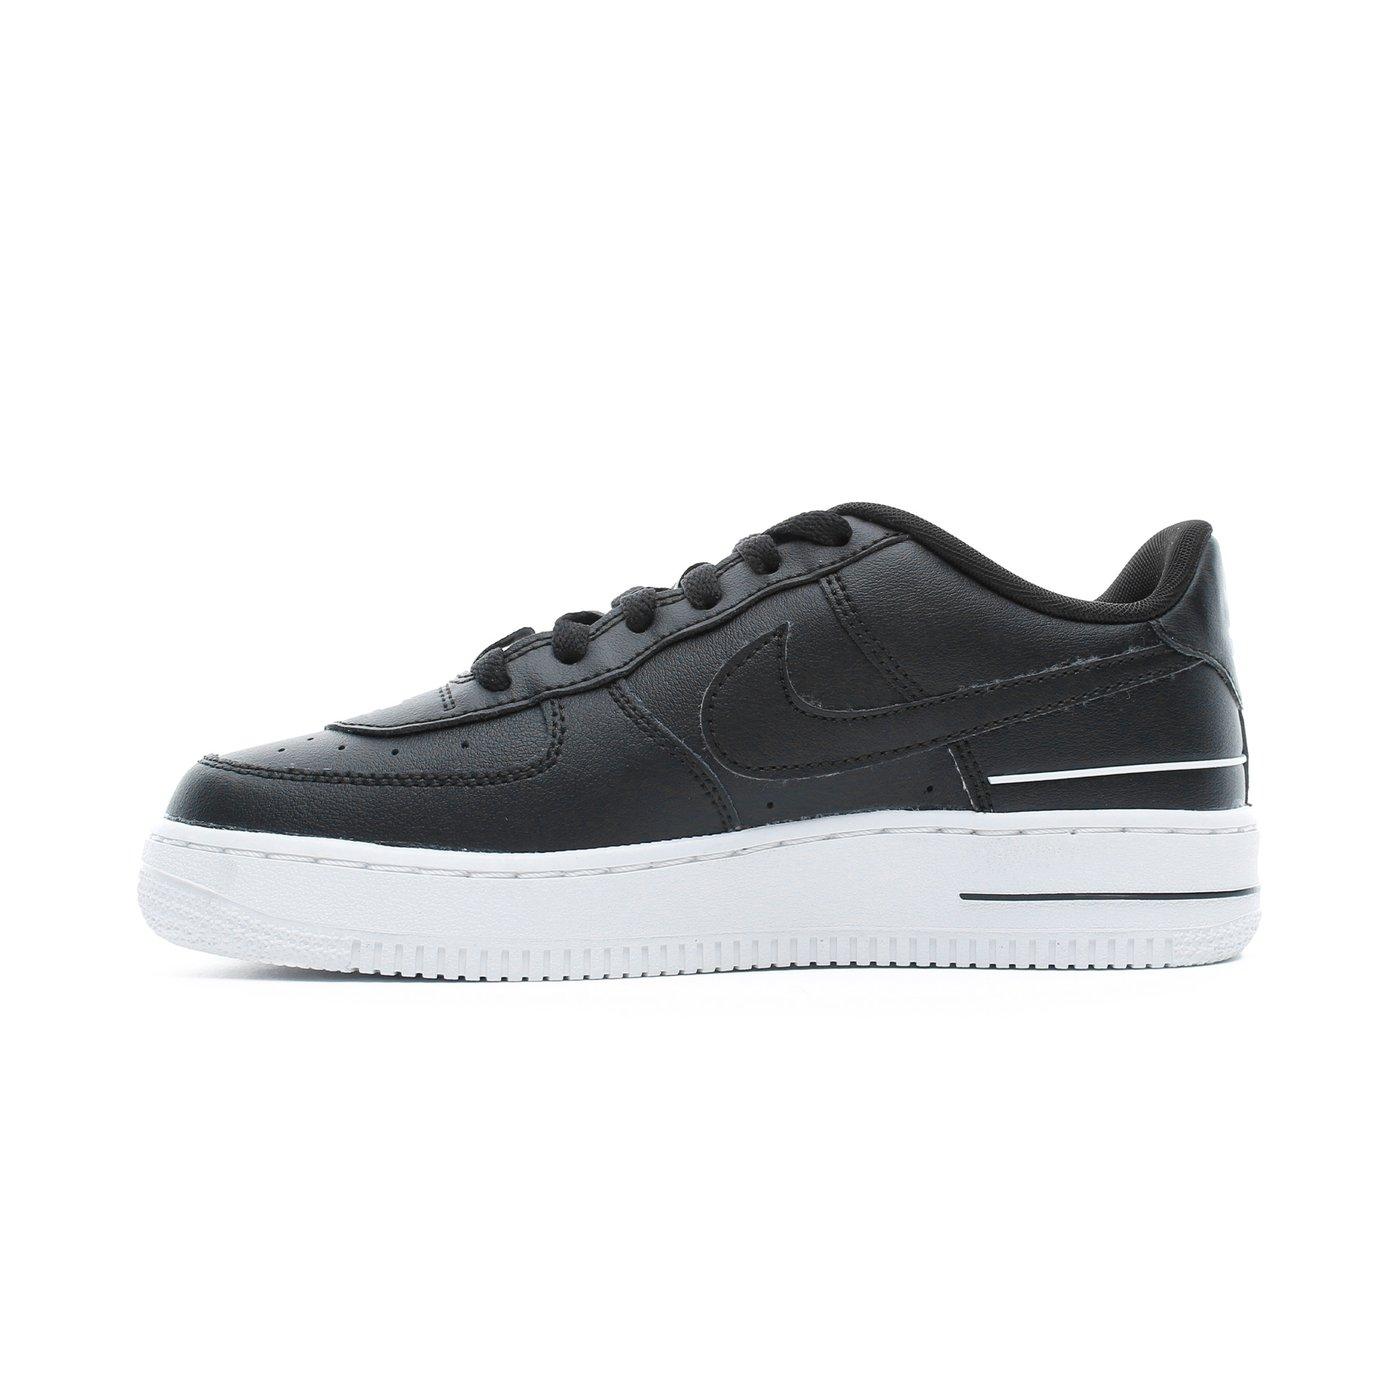 Nike Air Force 1 LV8 3 Kadın Siyah Spor Ayakkabı